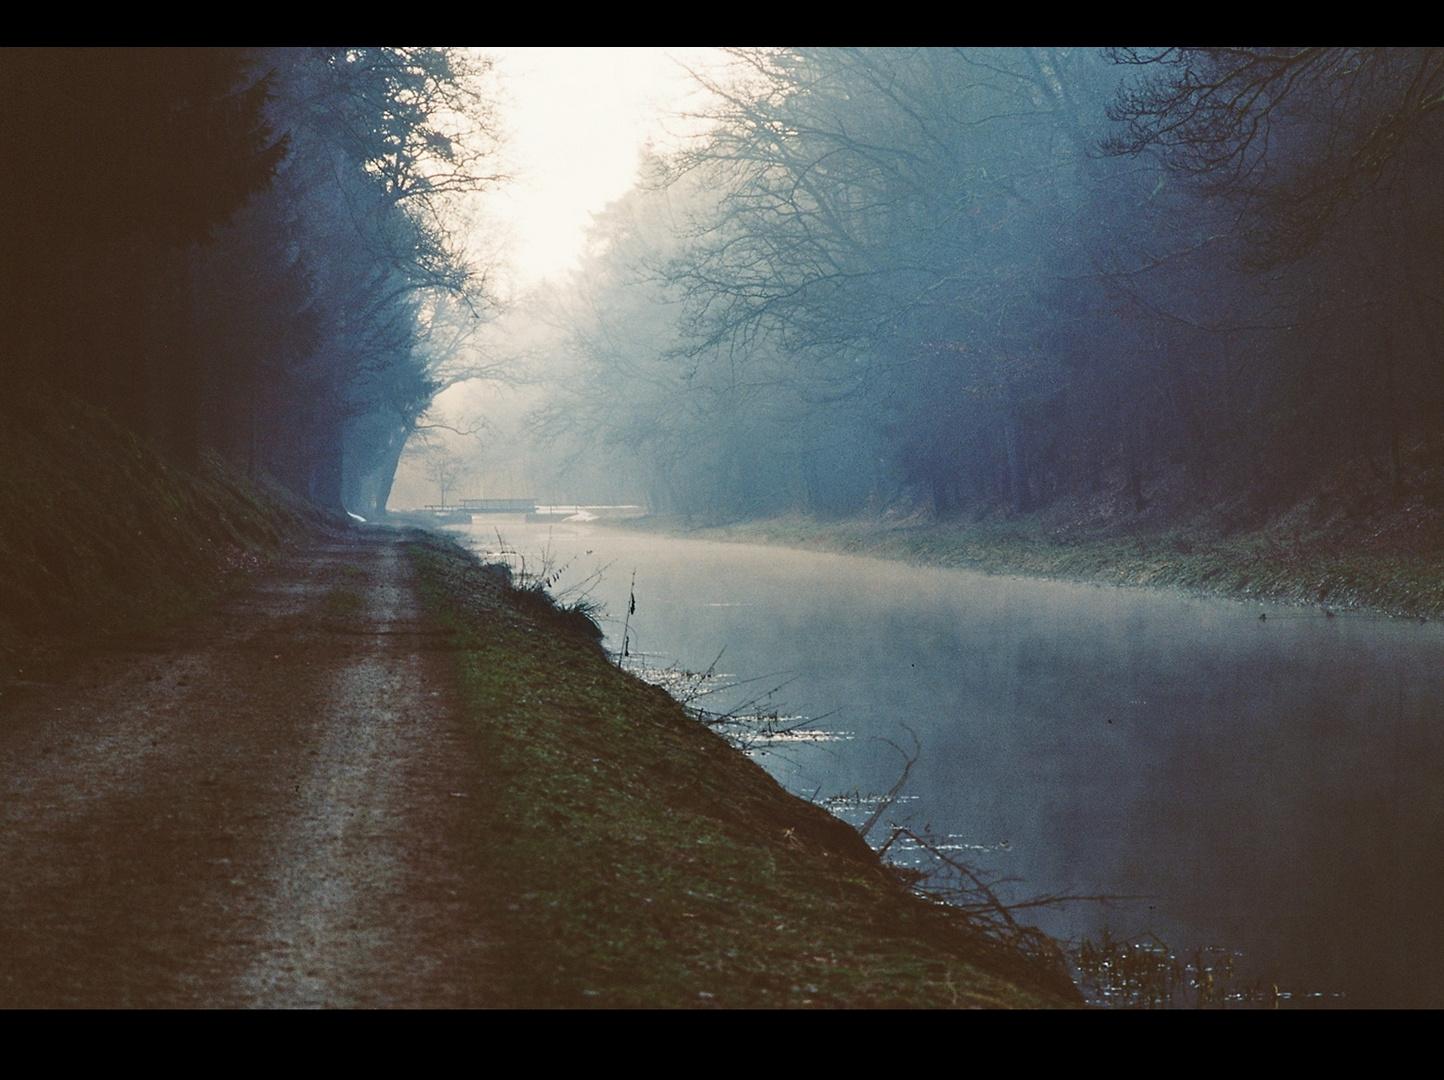 Ein Morgenspaziergang am Ludwig-Main-Donau Kanal (I)